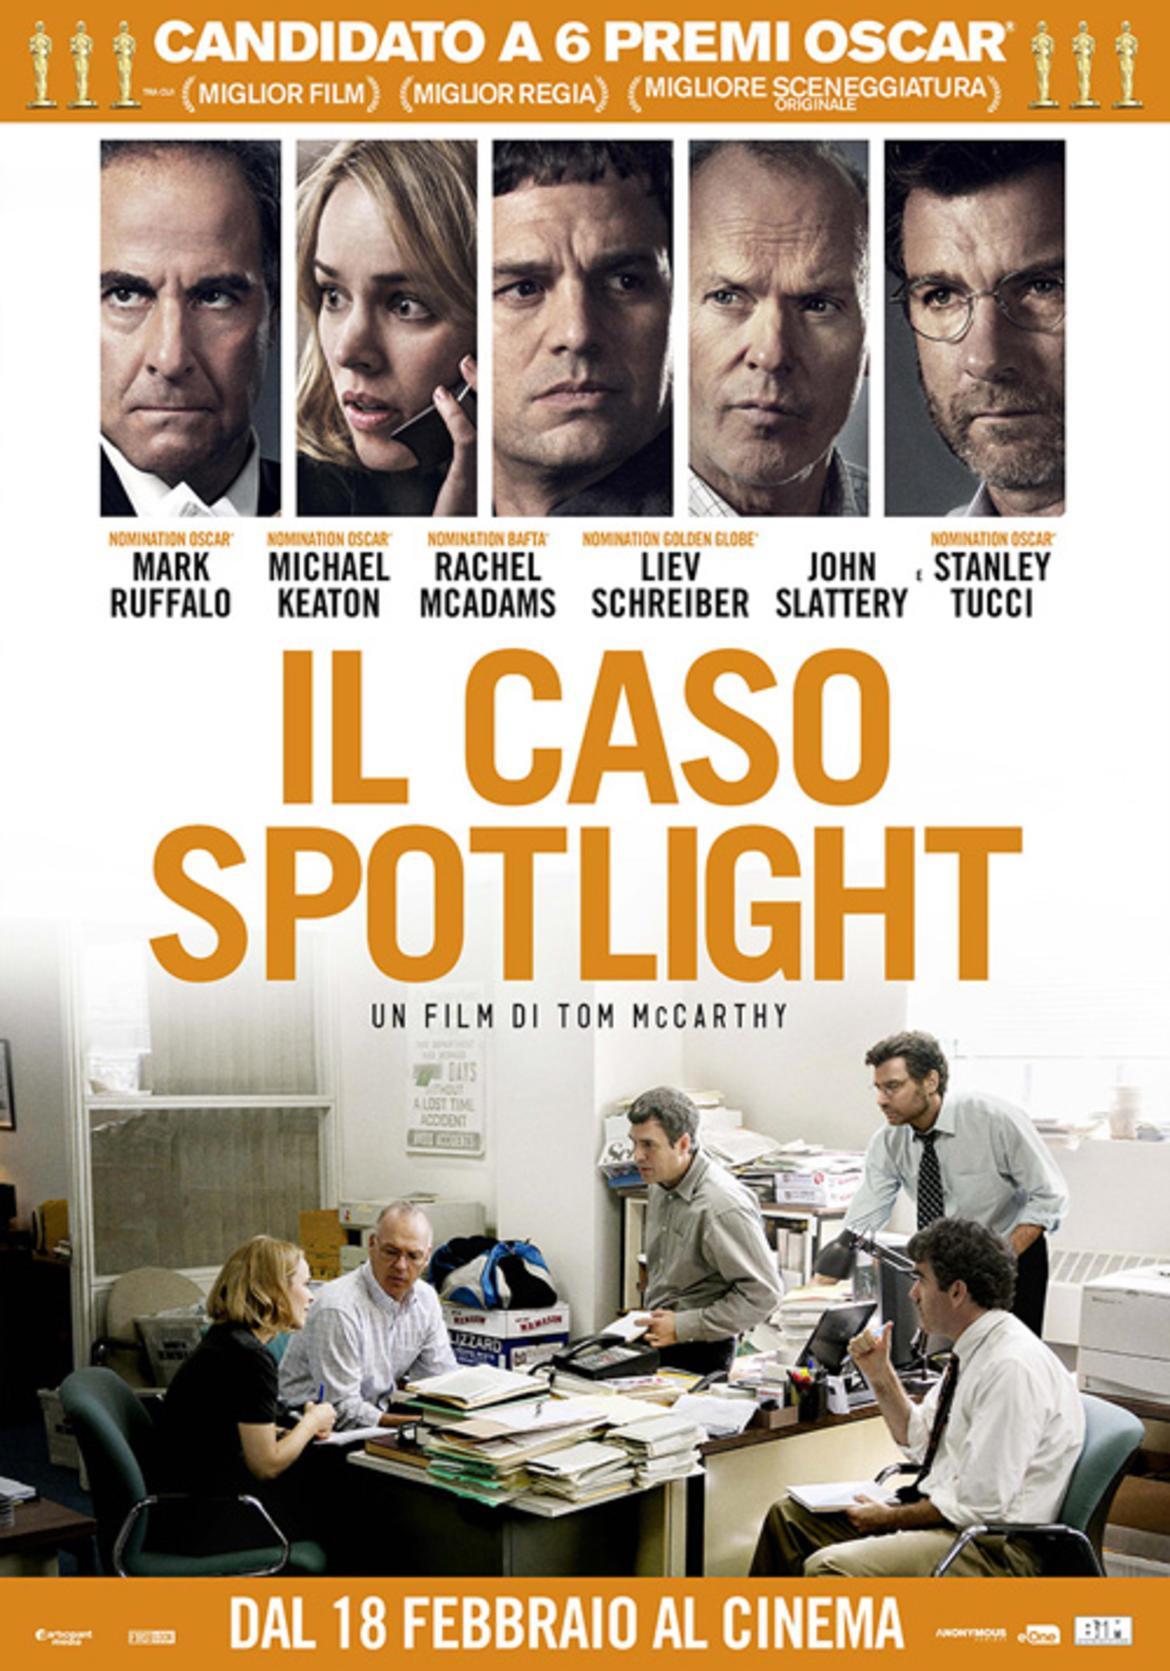 Risultati immagini per il caso spotlight